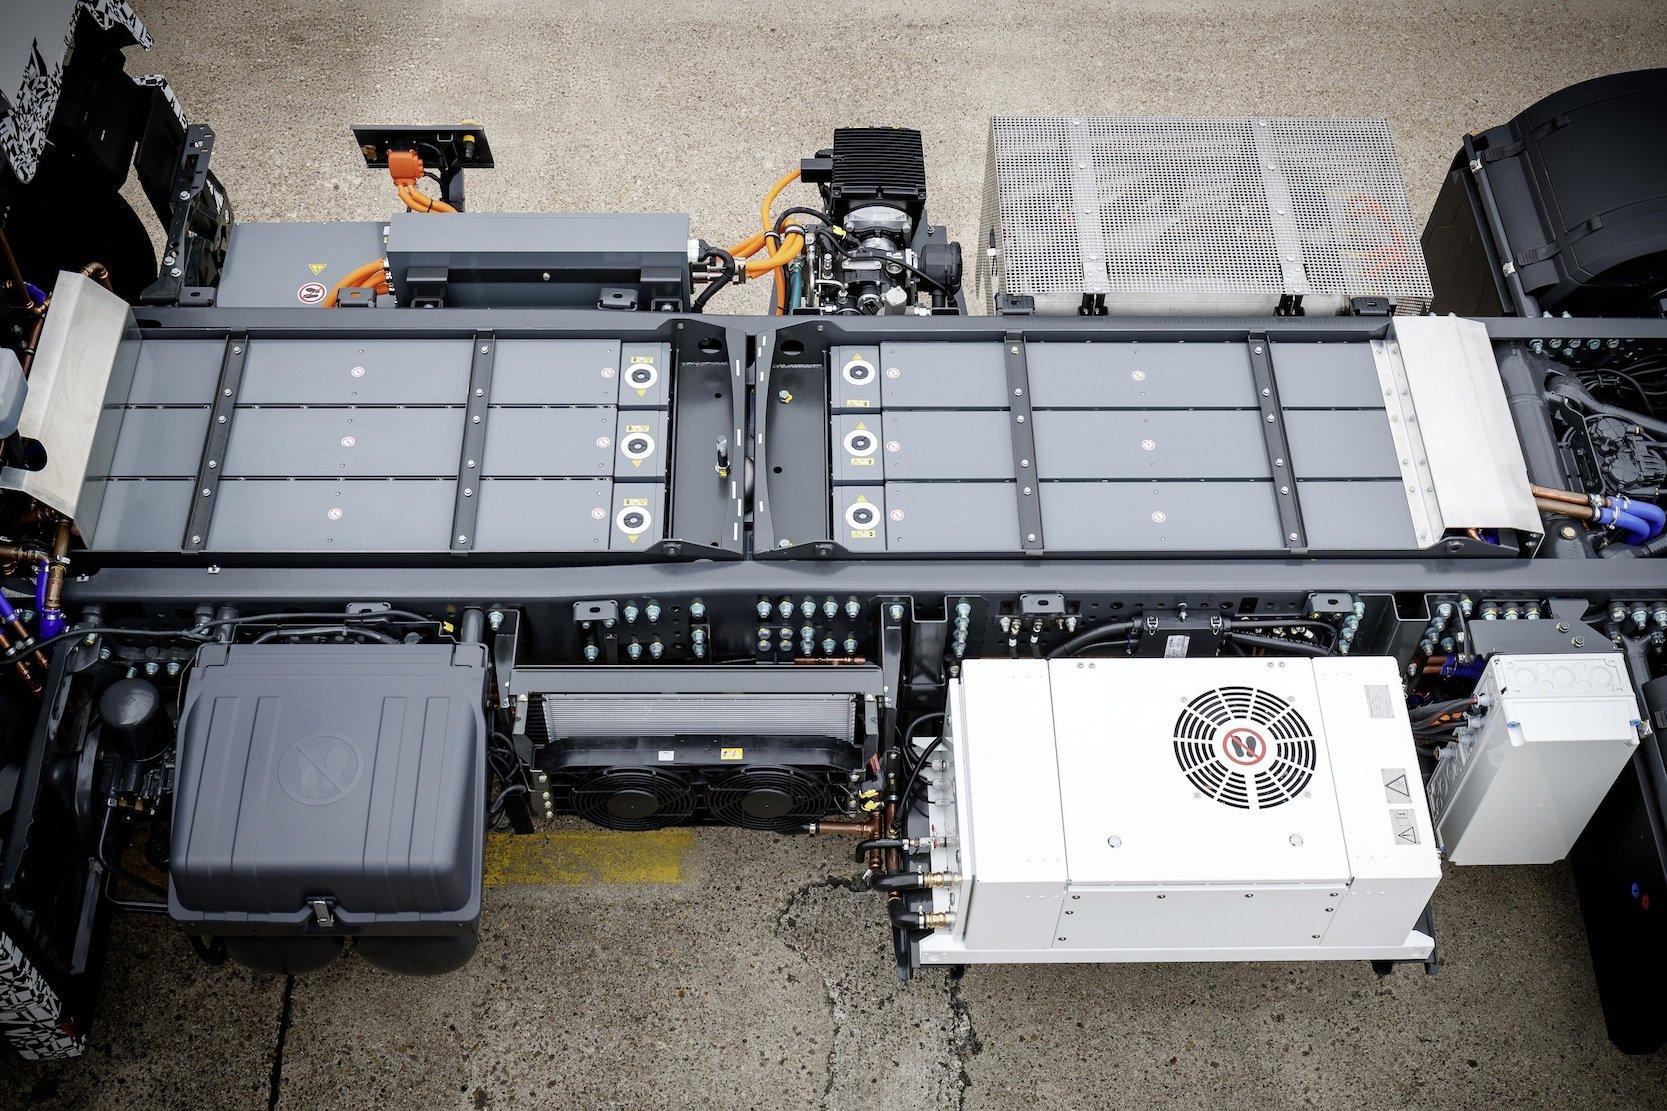 Das modular aufgebaute Batteriepack ist im Chassis des Lkw untergebracht, unter den späteren Aufbauten.